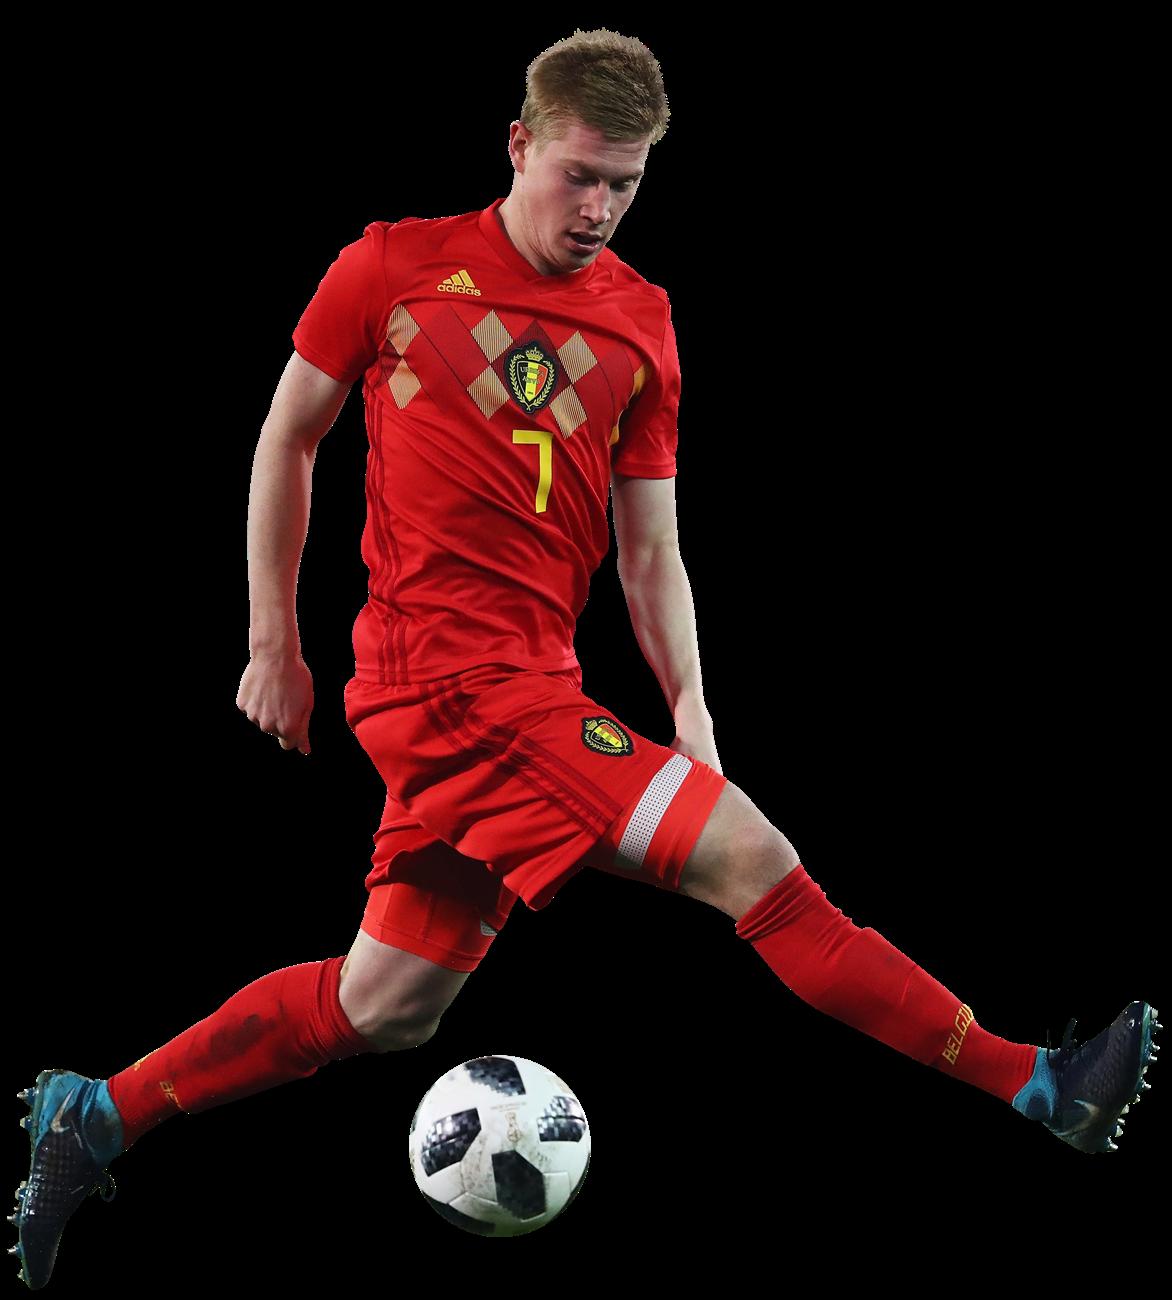 Kevin De Bruyne football render - 45327 - FootyRenders